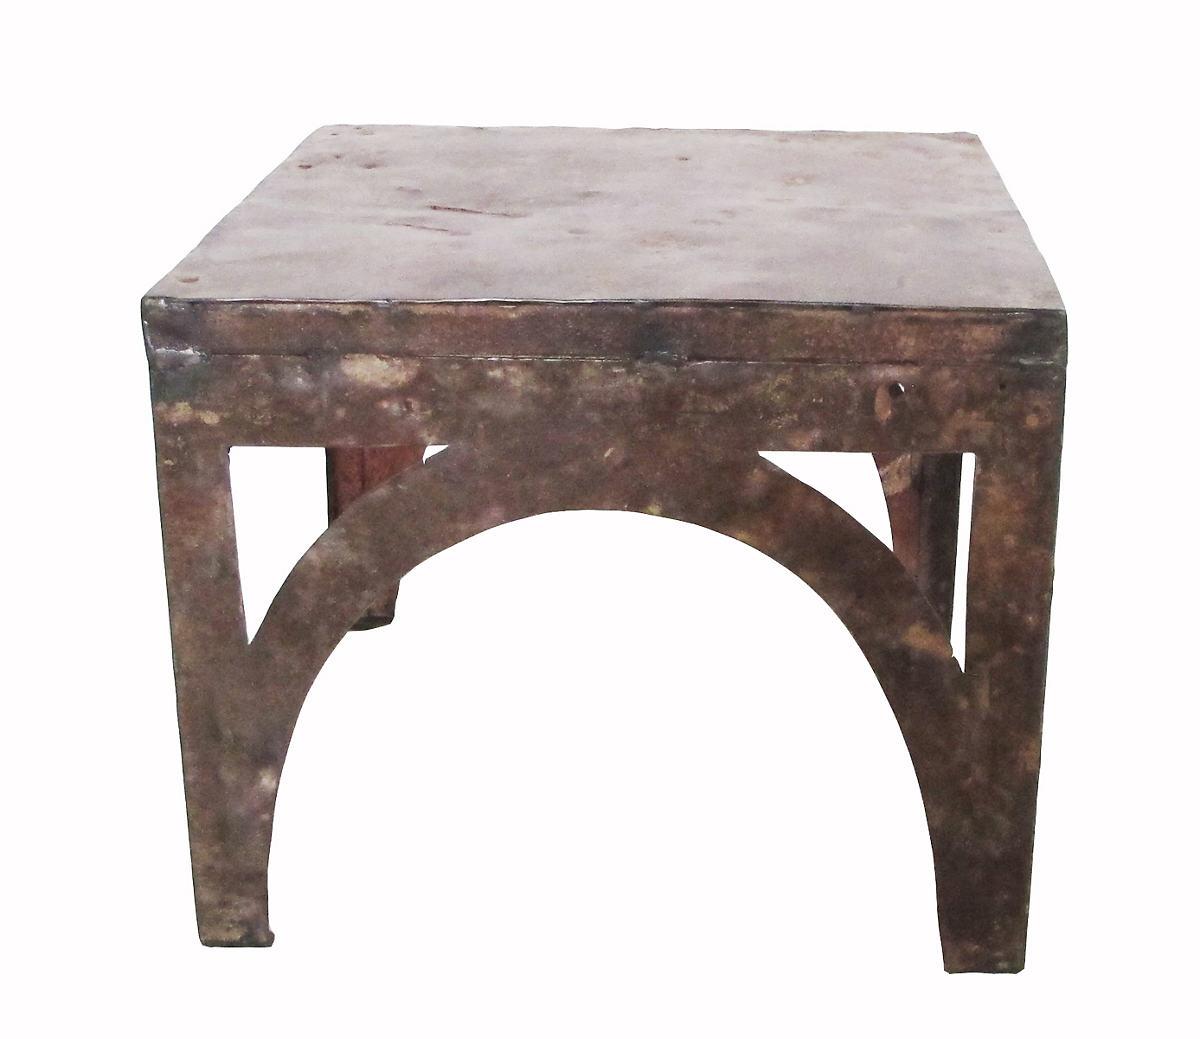 Rustic Reclaimed Metal Side Table